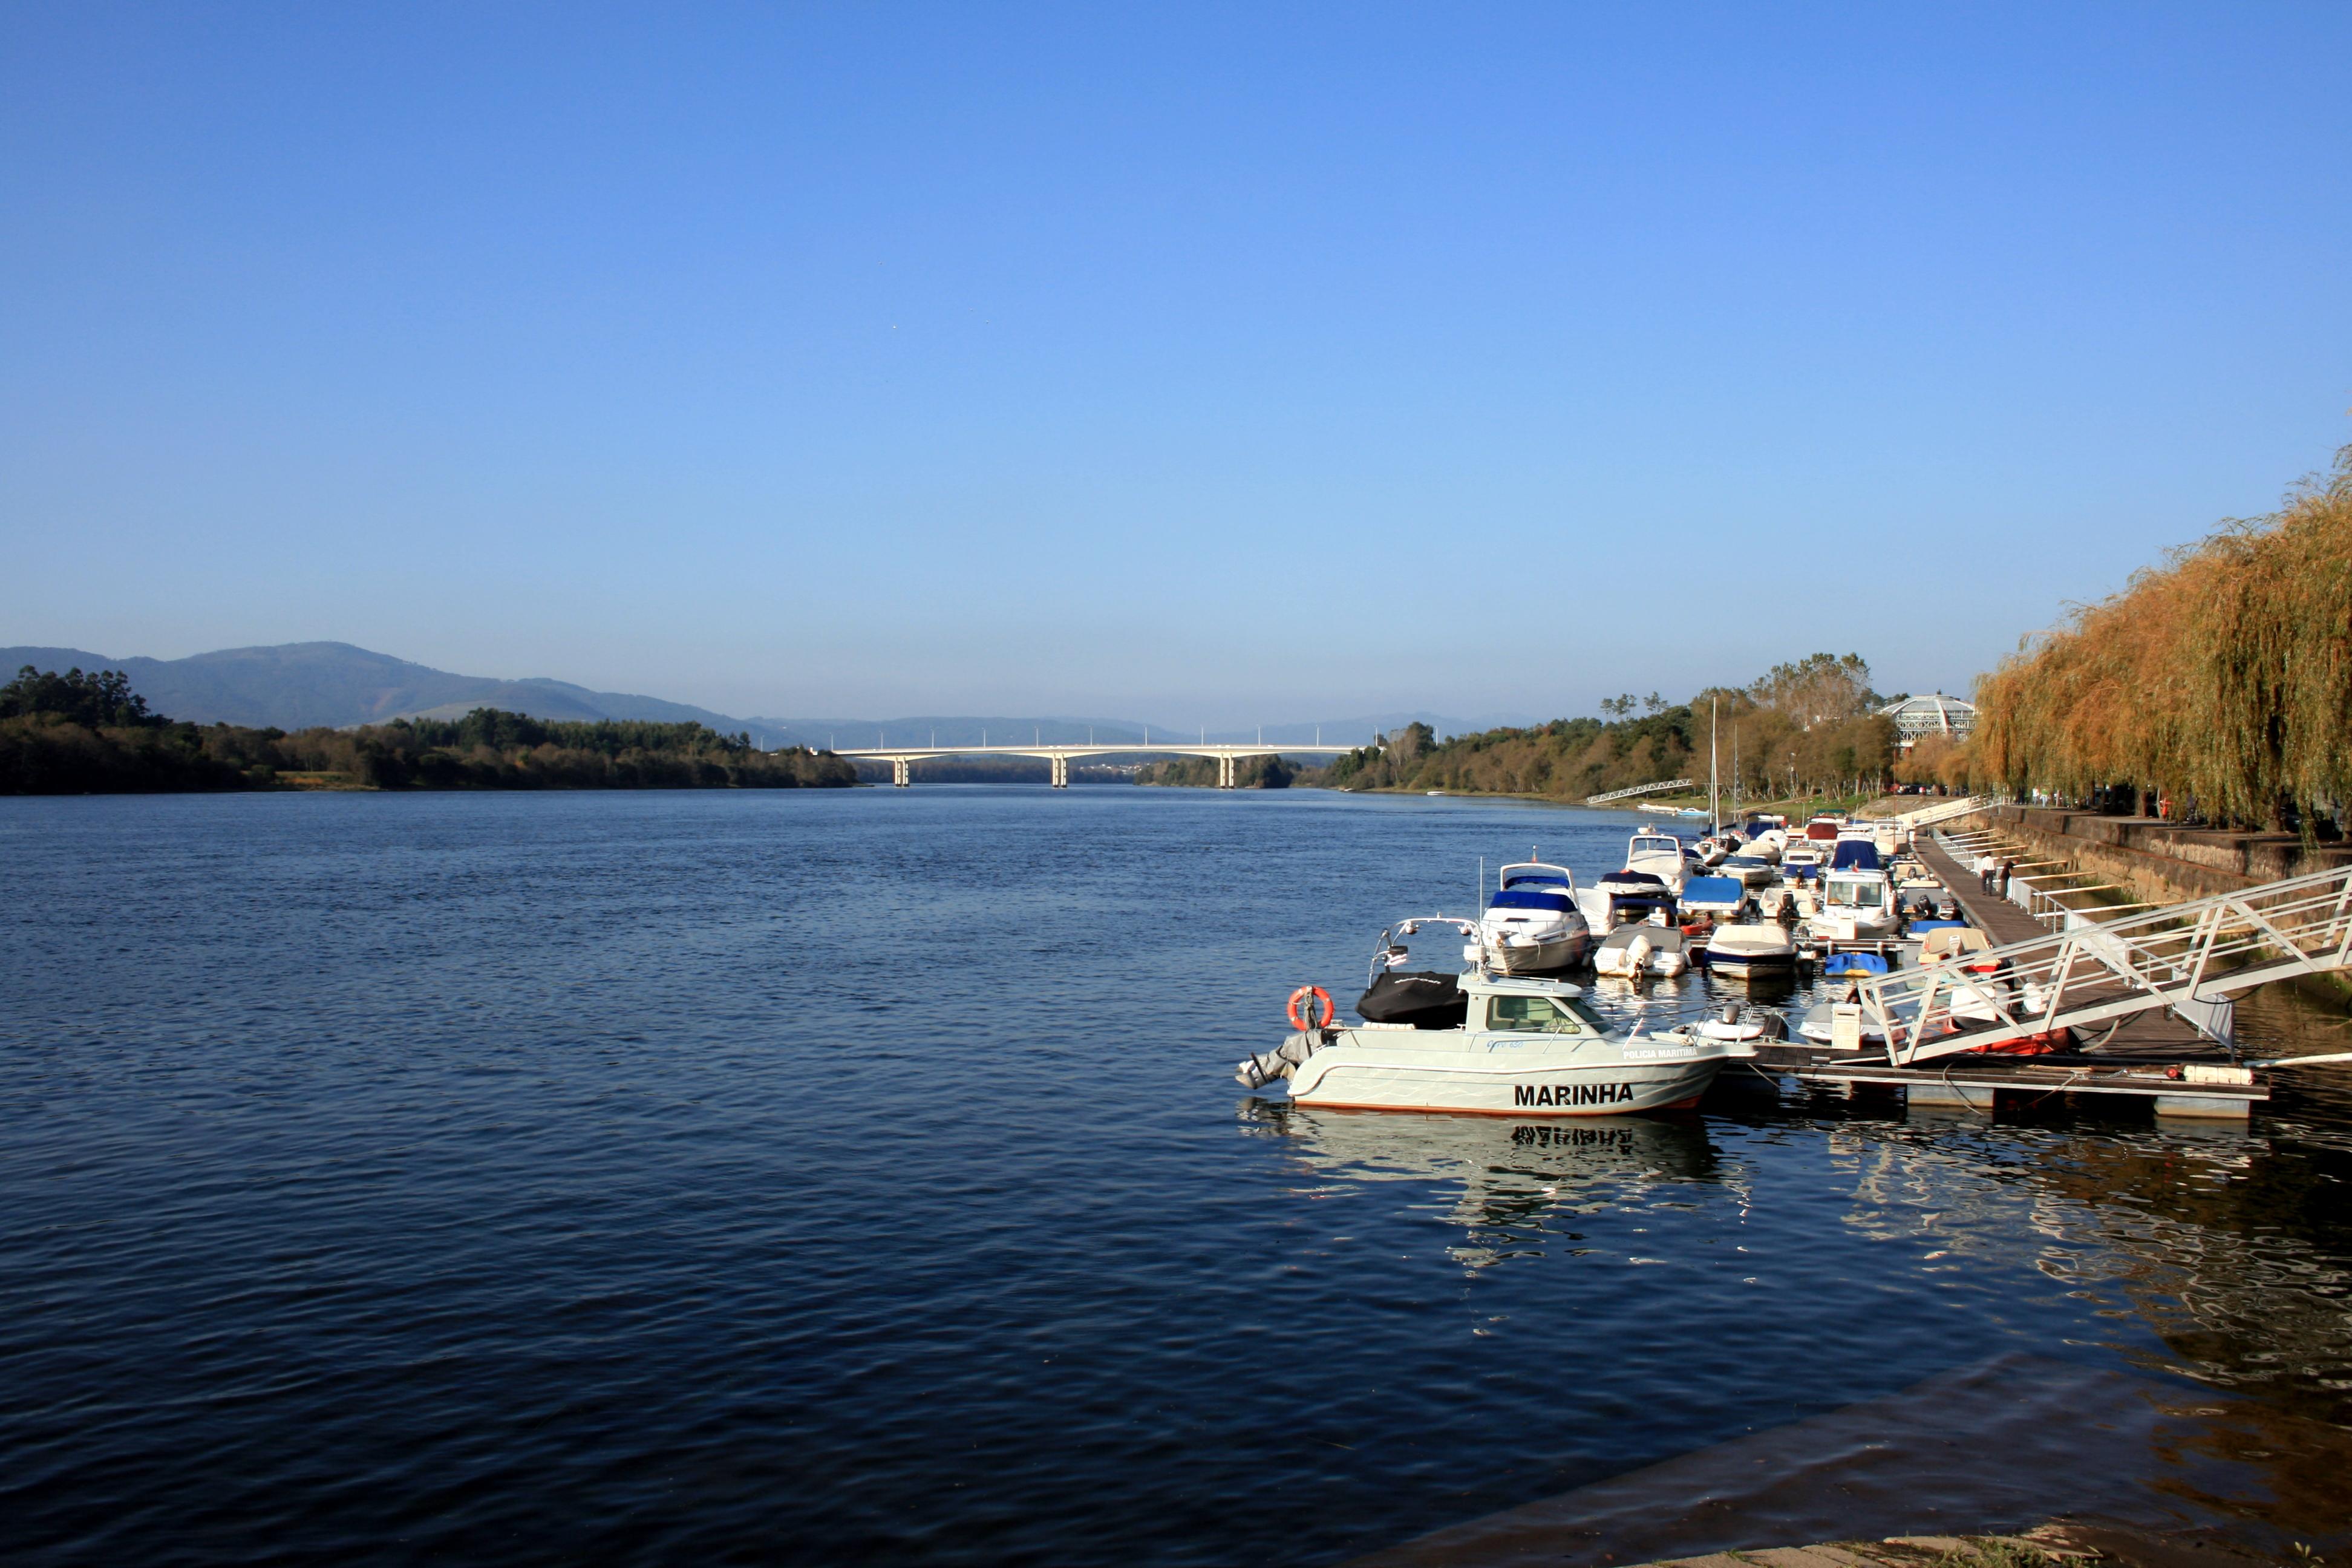 File minho river and port of vila nova de cerveira wikimedia commons - Vilanova de cerveira ...